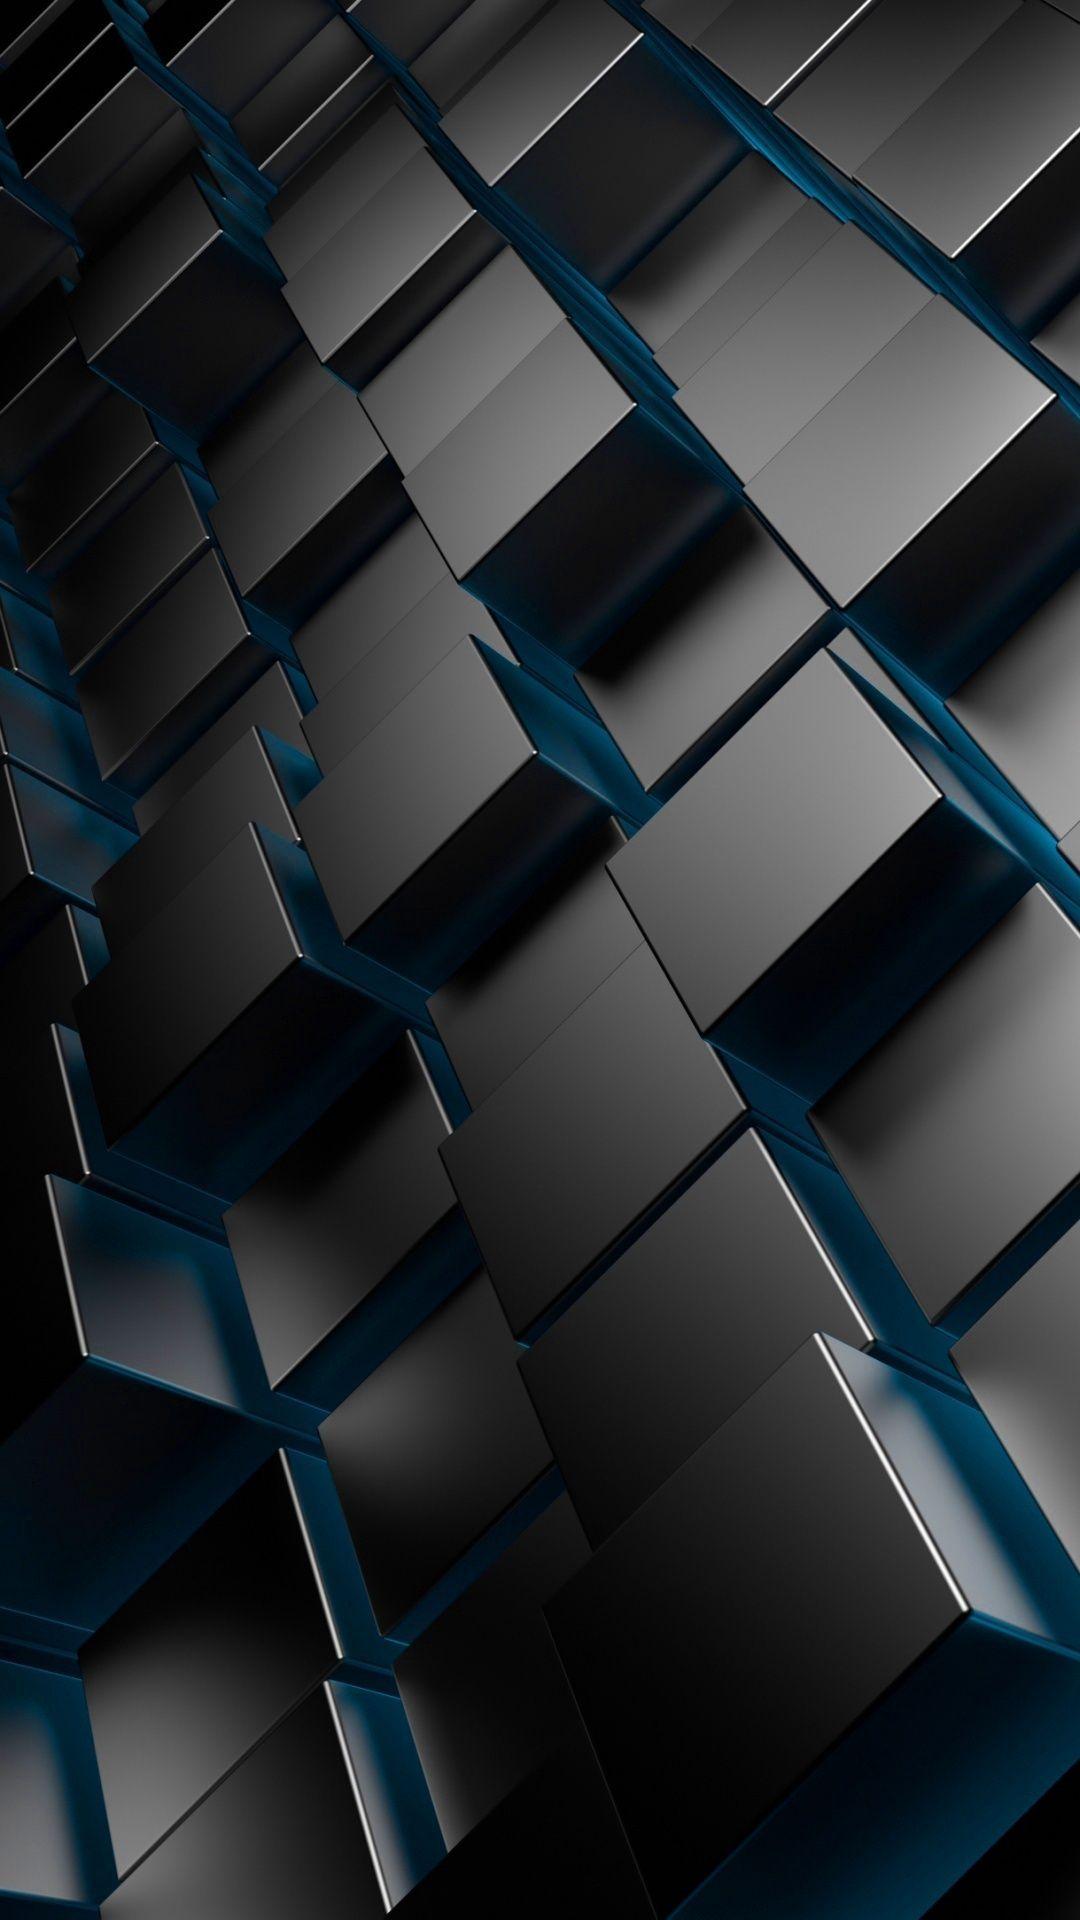 Tech Galaxy s7 wallpaper